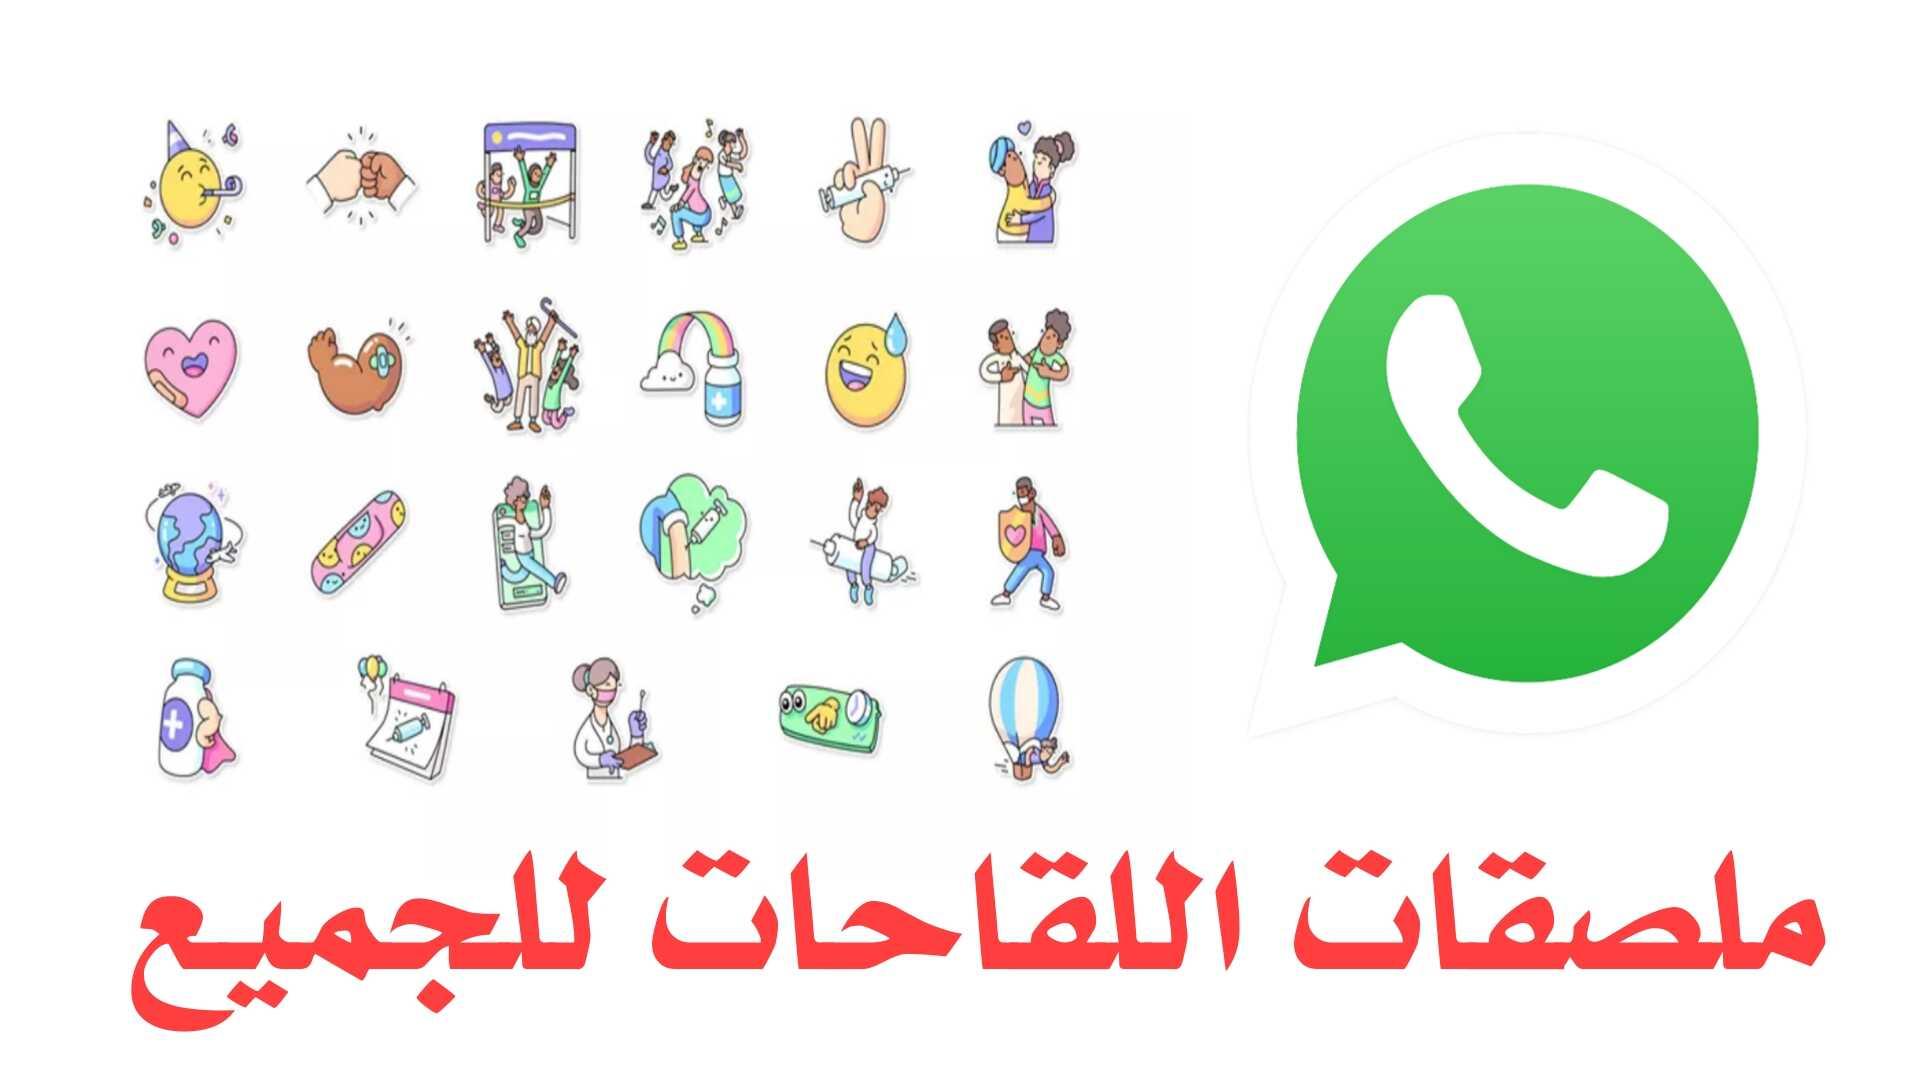 واتساب الإعلان عن ملصقات اللقاحات للجميع لمشاركة فرحة تلقي لقاح كورونا